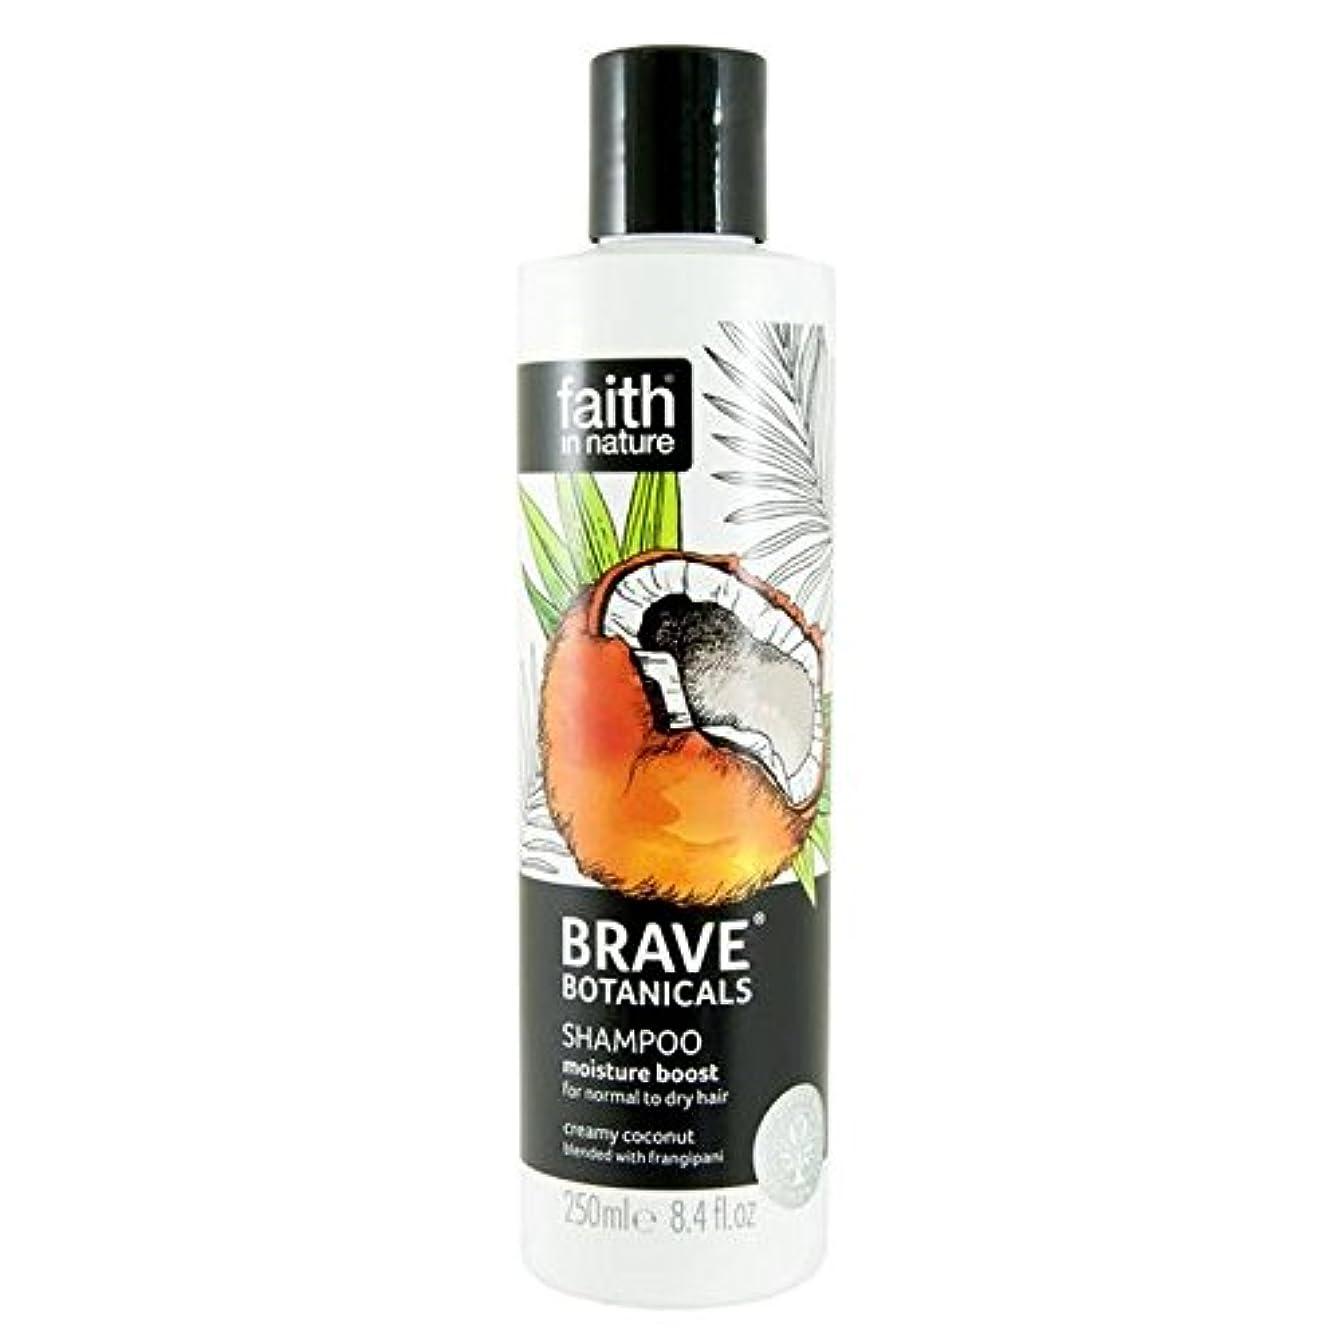 推測する逆羨望Brave Botanicals Coconut & Frangipani Moisture Boost Shampoo 250ml (Pack of 6) - (Faith In Nature) 勇敢な植物ココナッツ&プルメリア水分ブーストシャンプー250Ml (x6) [並行輸入品]